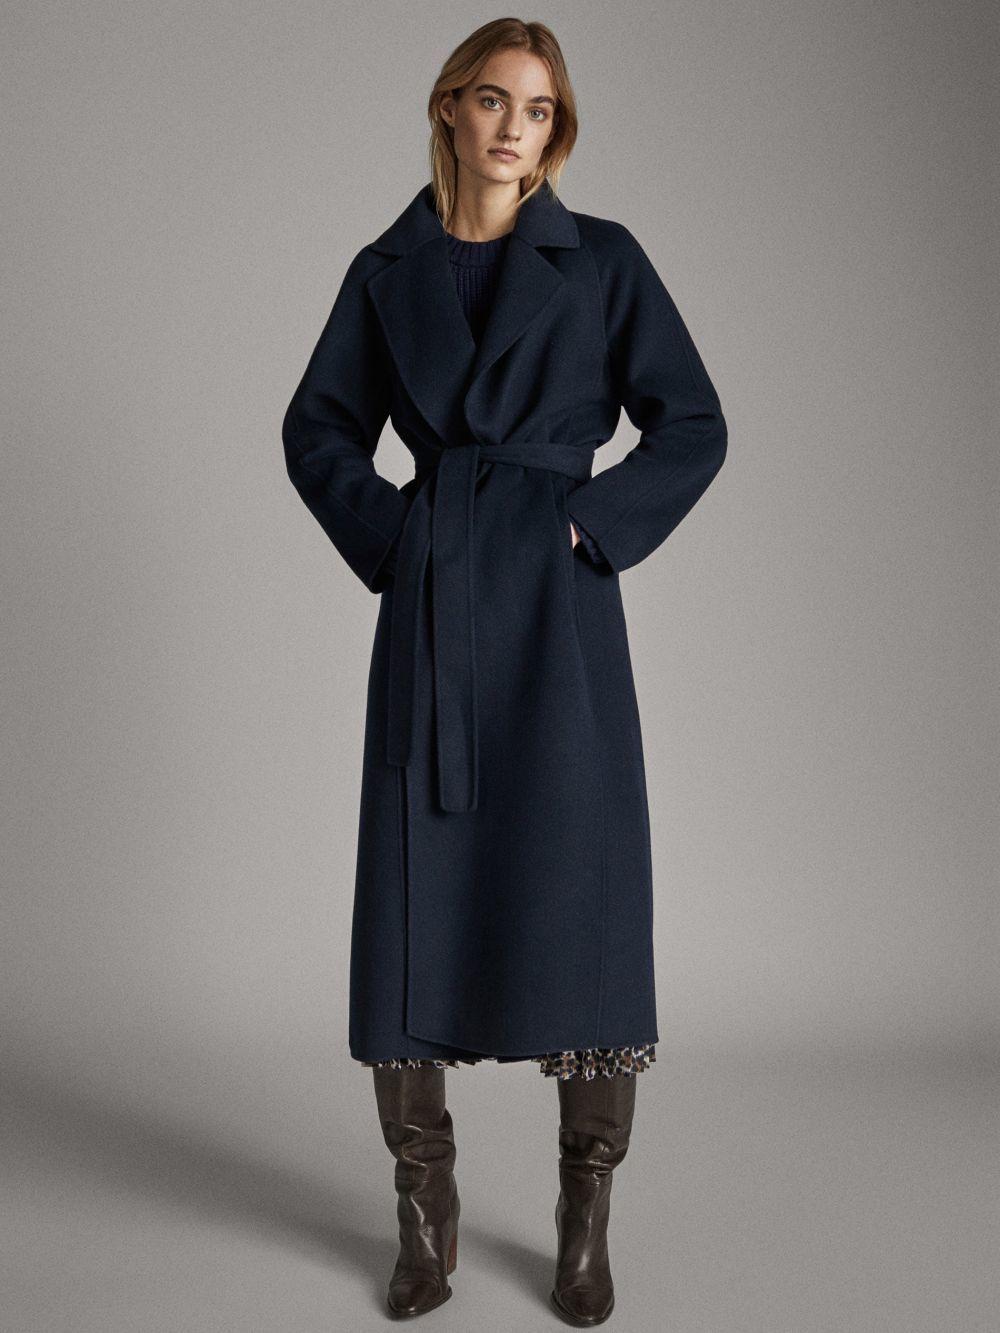 El abrigo que Massimo Dutti que lleva Meghan Markle.